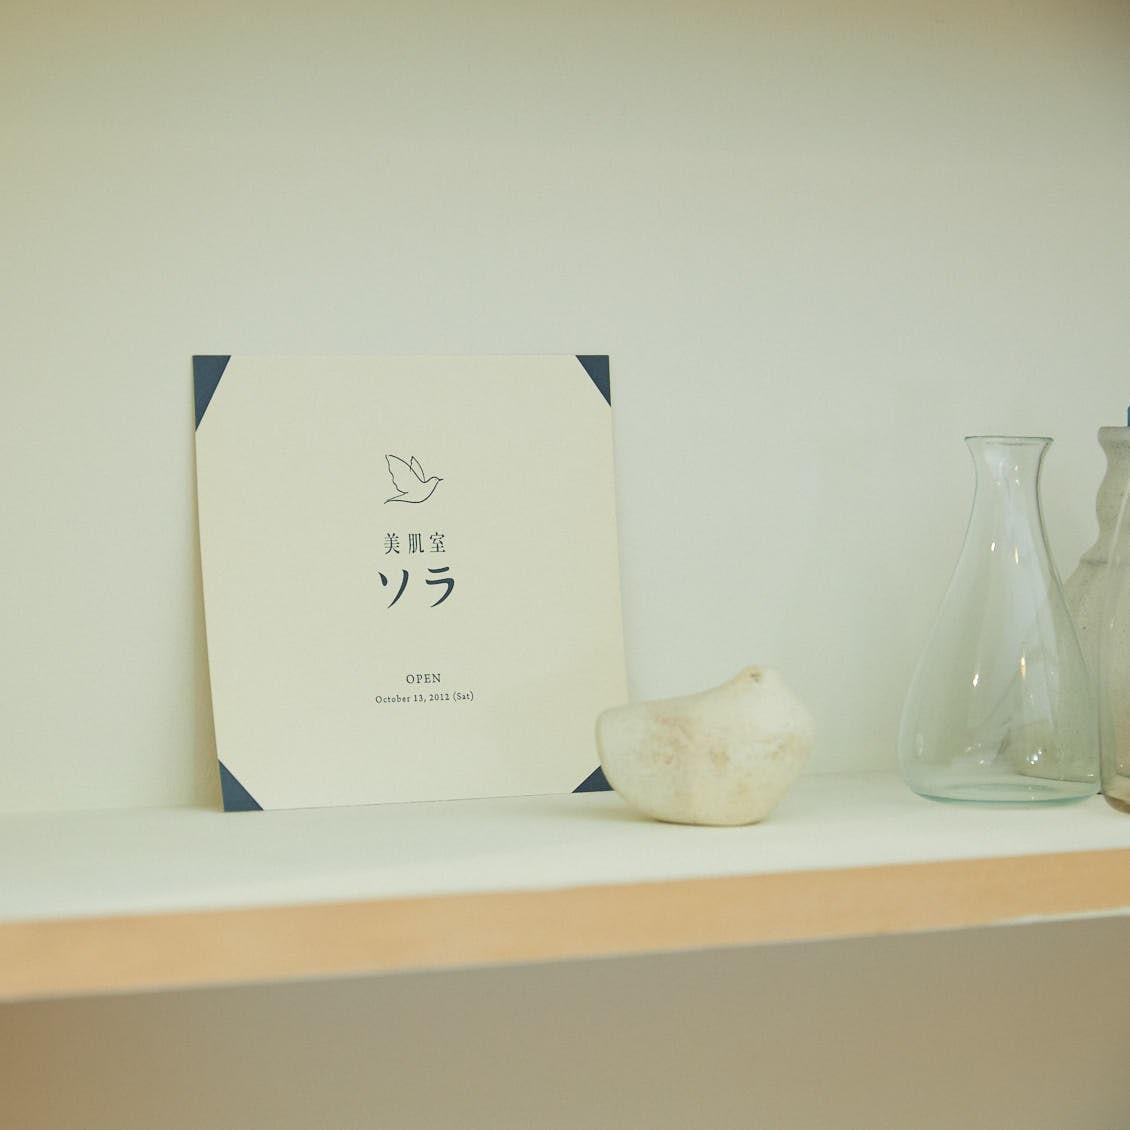 【レシート、拝見】土曜、渋谷、11時。待ち合わせはドーナツショップで